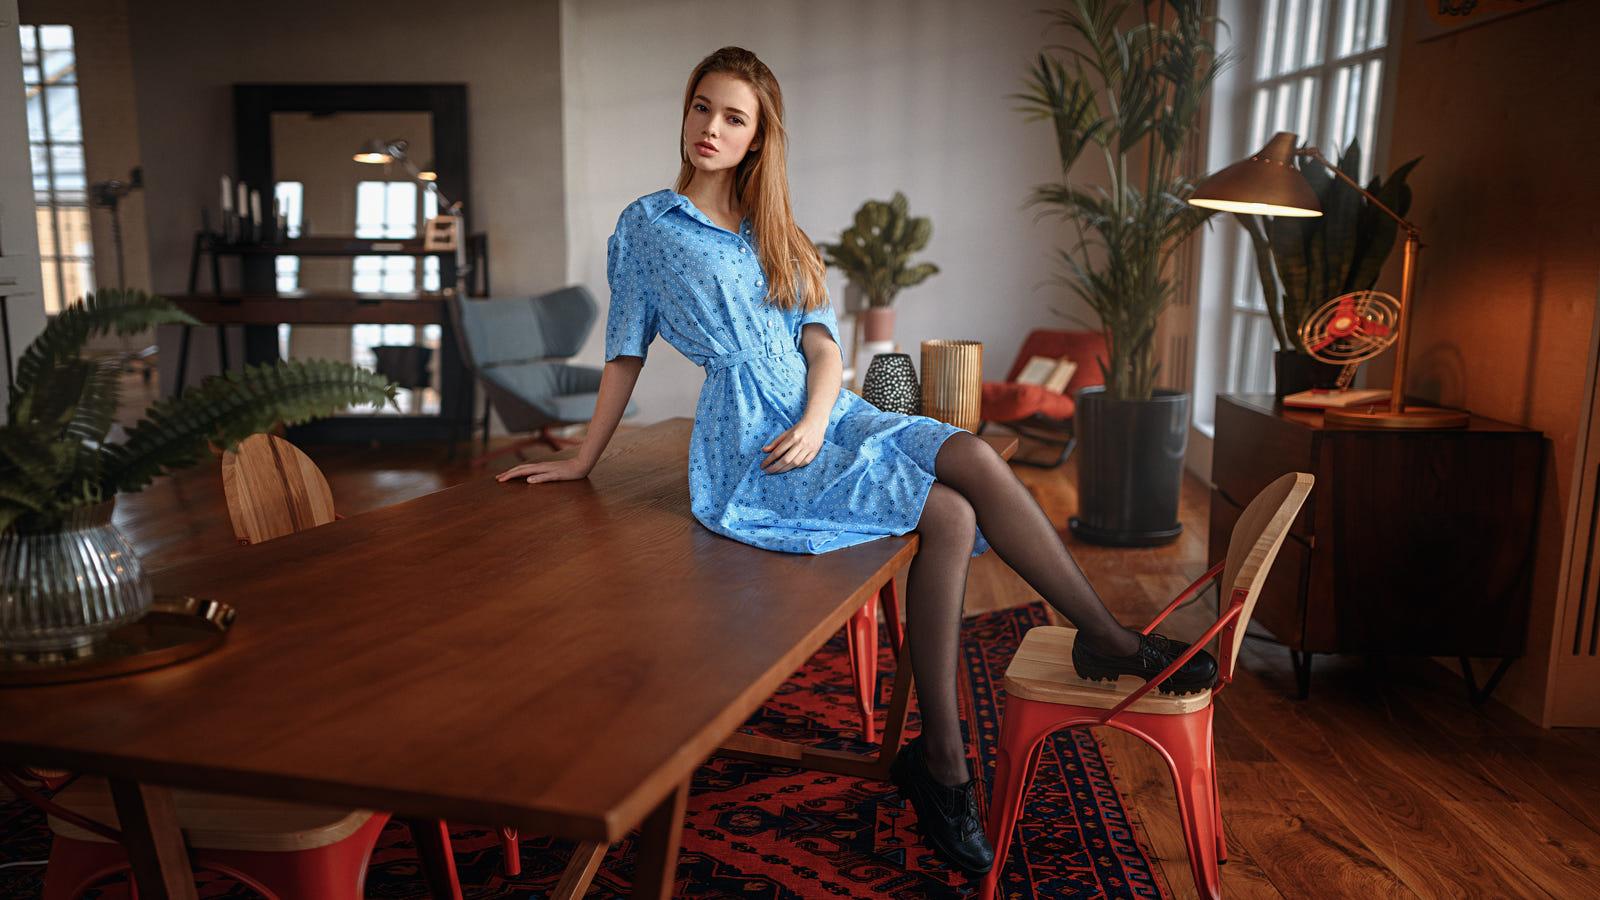 Фото Модель Анна в голубом платье сидит на столе, фотограф Георгий Чернядьев